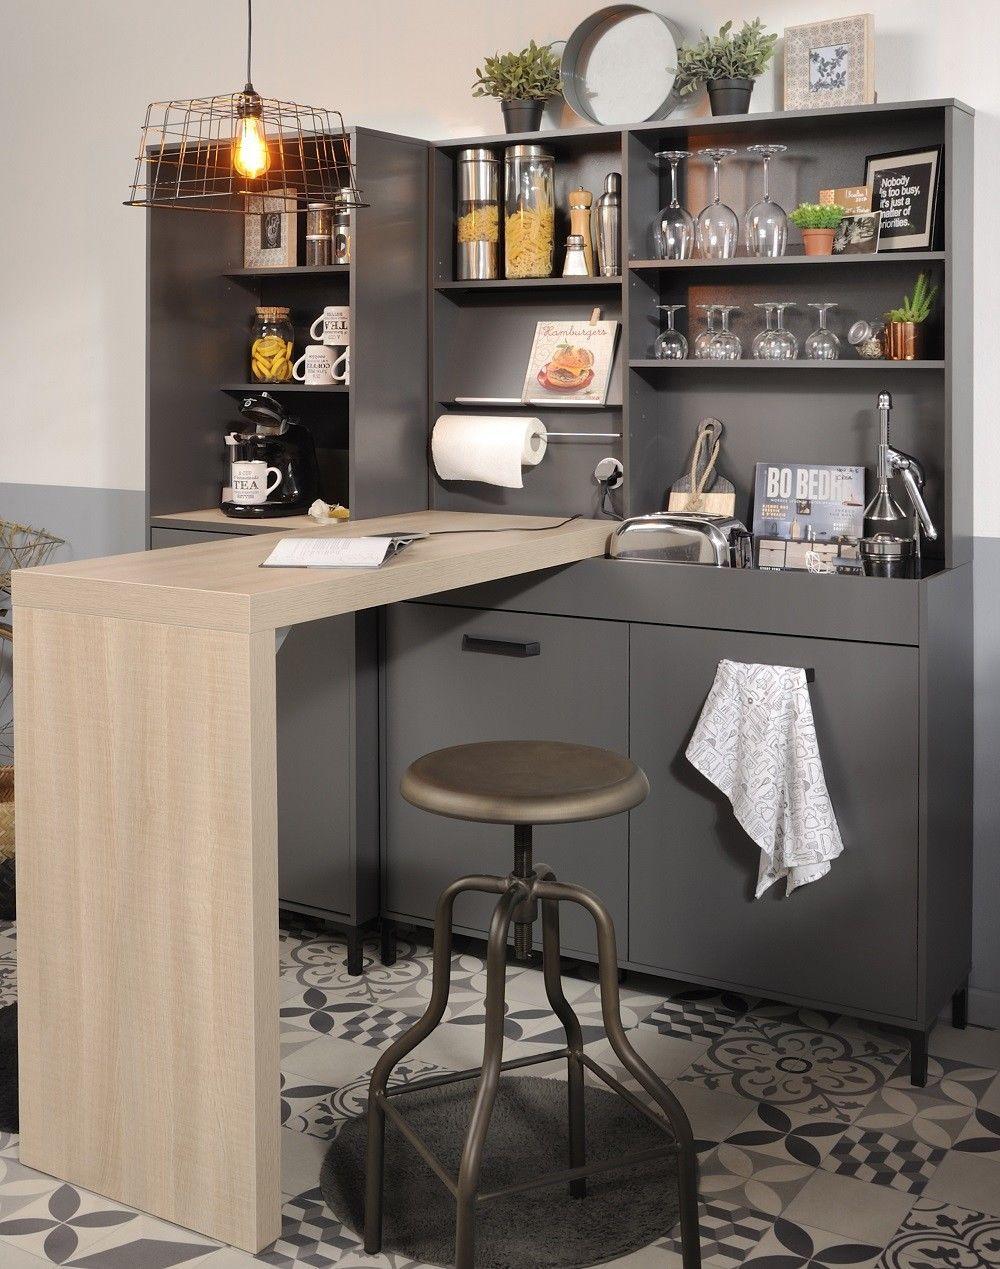 Full Size of Regal Tisch Kche Bartisch Mit Stehtisch Tresentisch Küchen Küche Wohnzimmer Küchen Bartisch